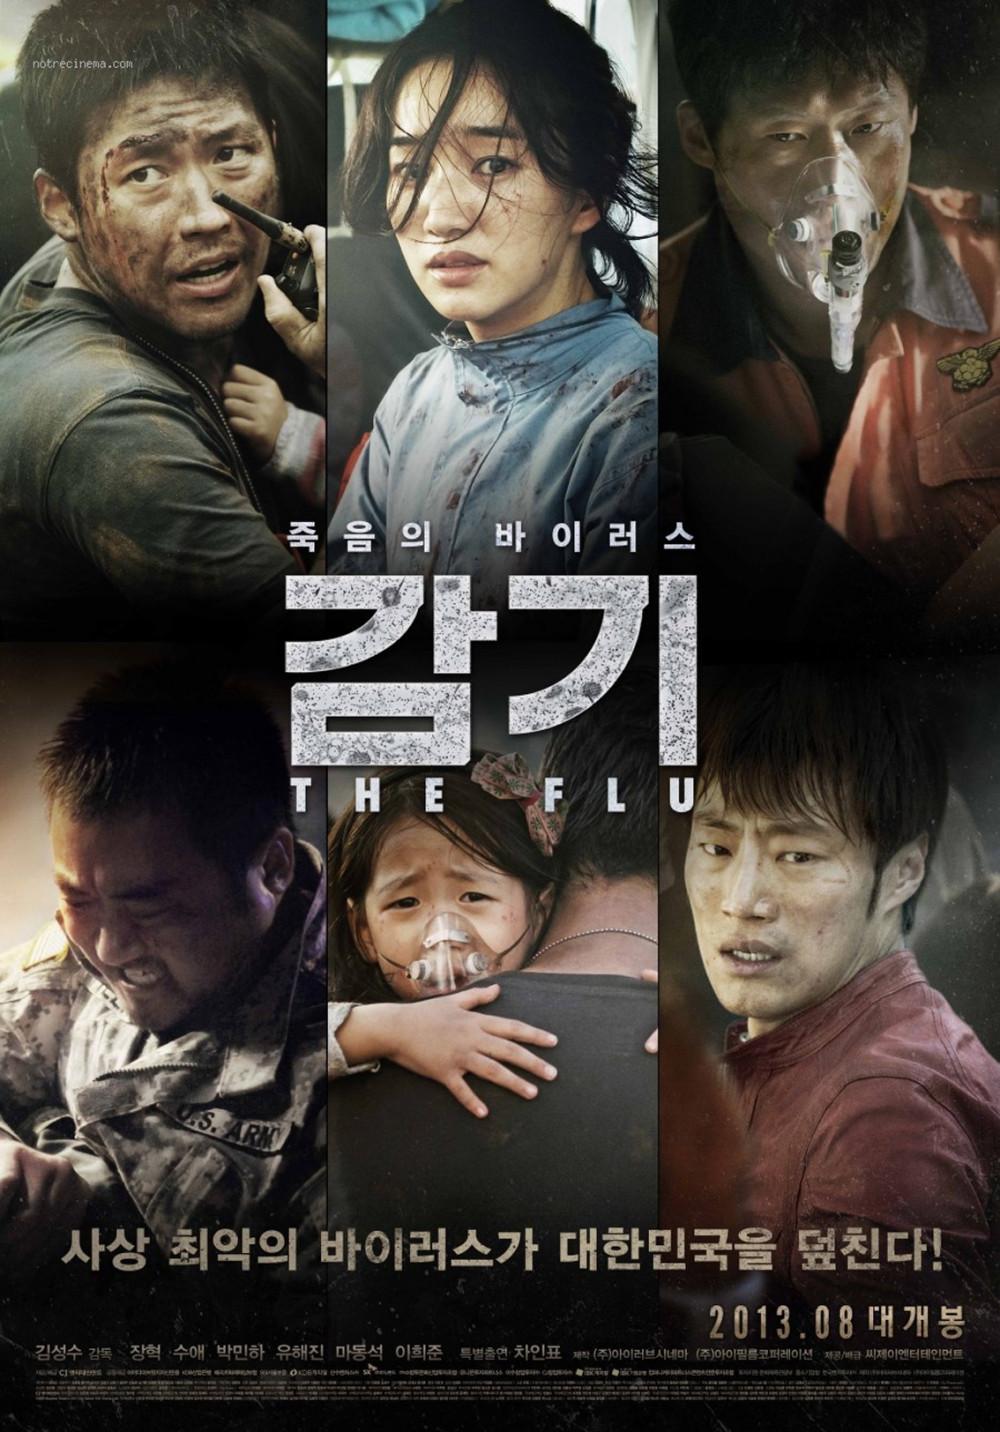 The Flu (Đại dịch cúm) - bộ phim Hàn Quốc đang được nhiều người tìm xem lại trong bối cảnh đại dịch COVID-19 bùng phát ở thời điểm hiện tại